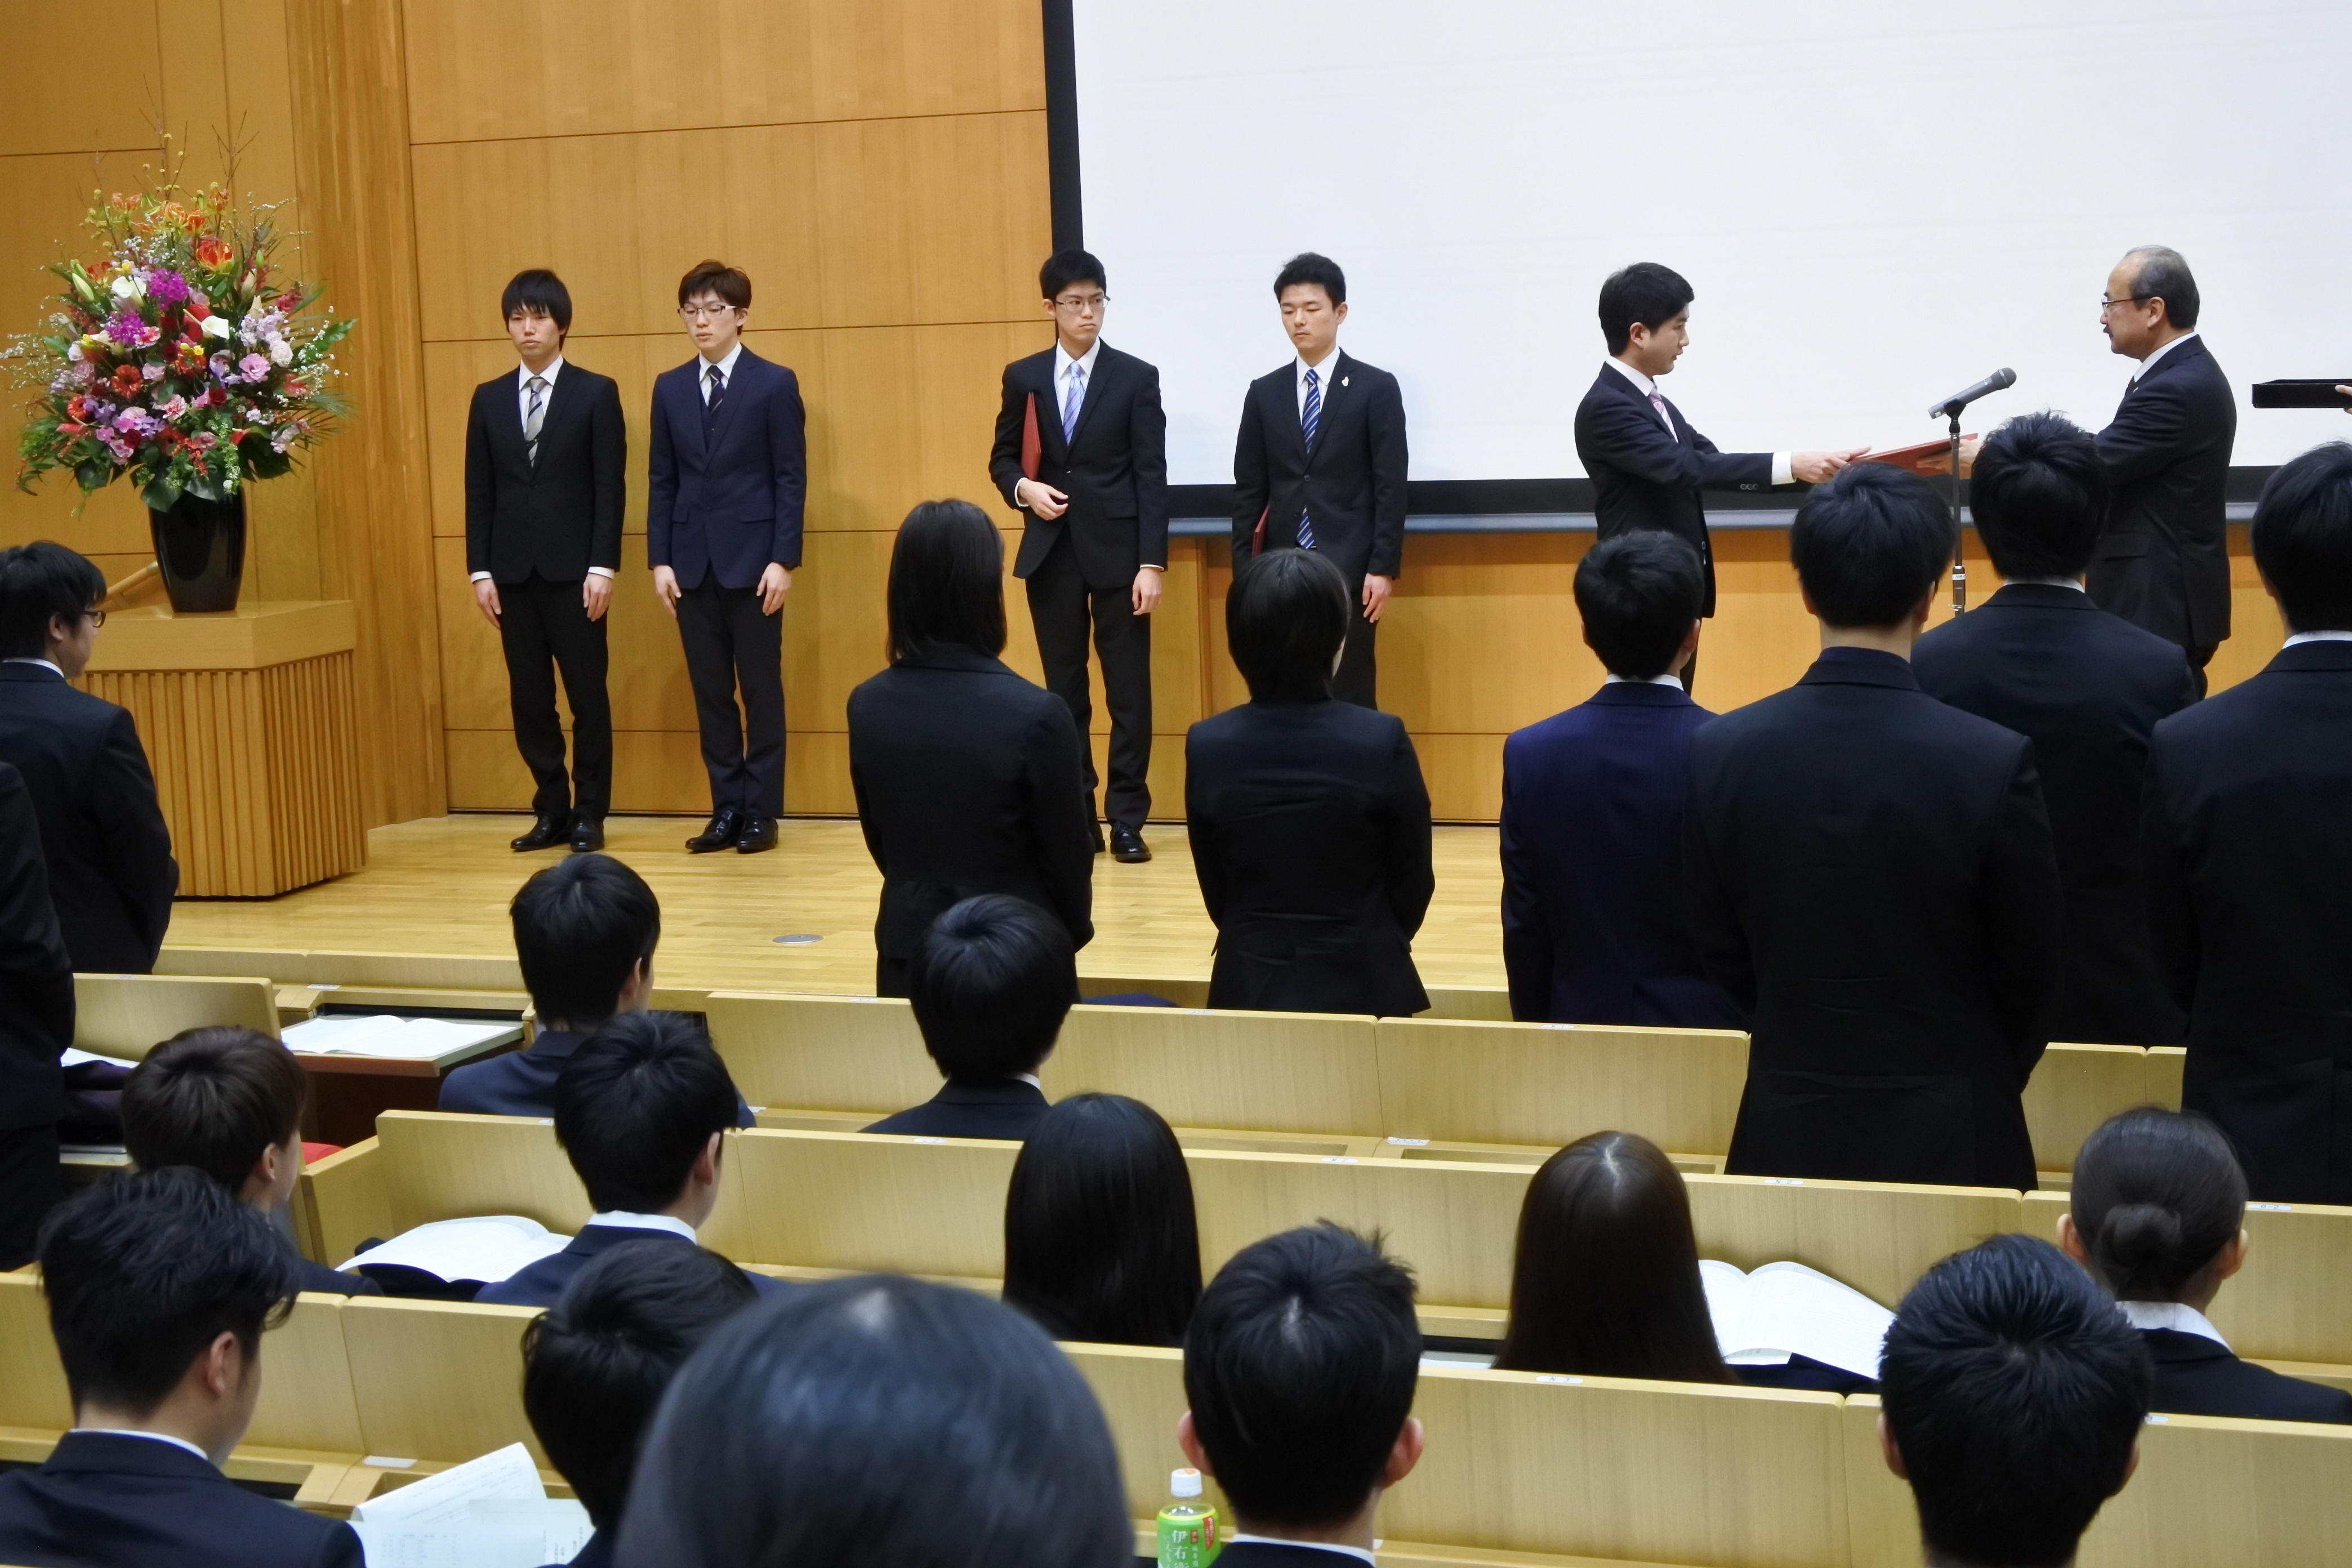 代表して表彰を受ける学生たち